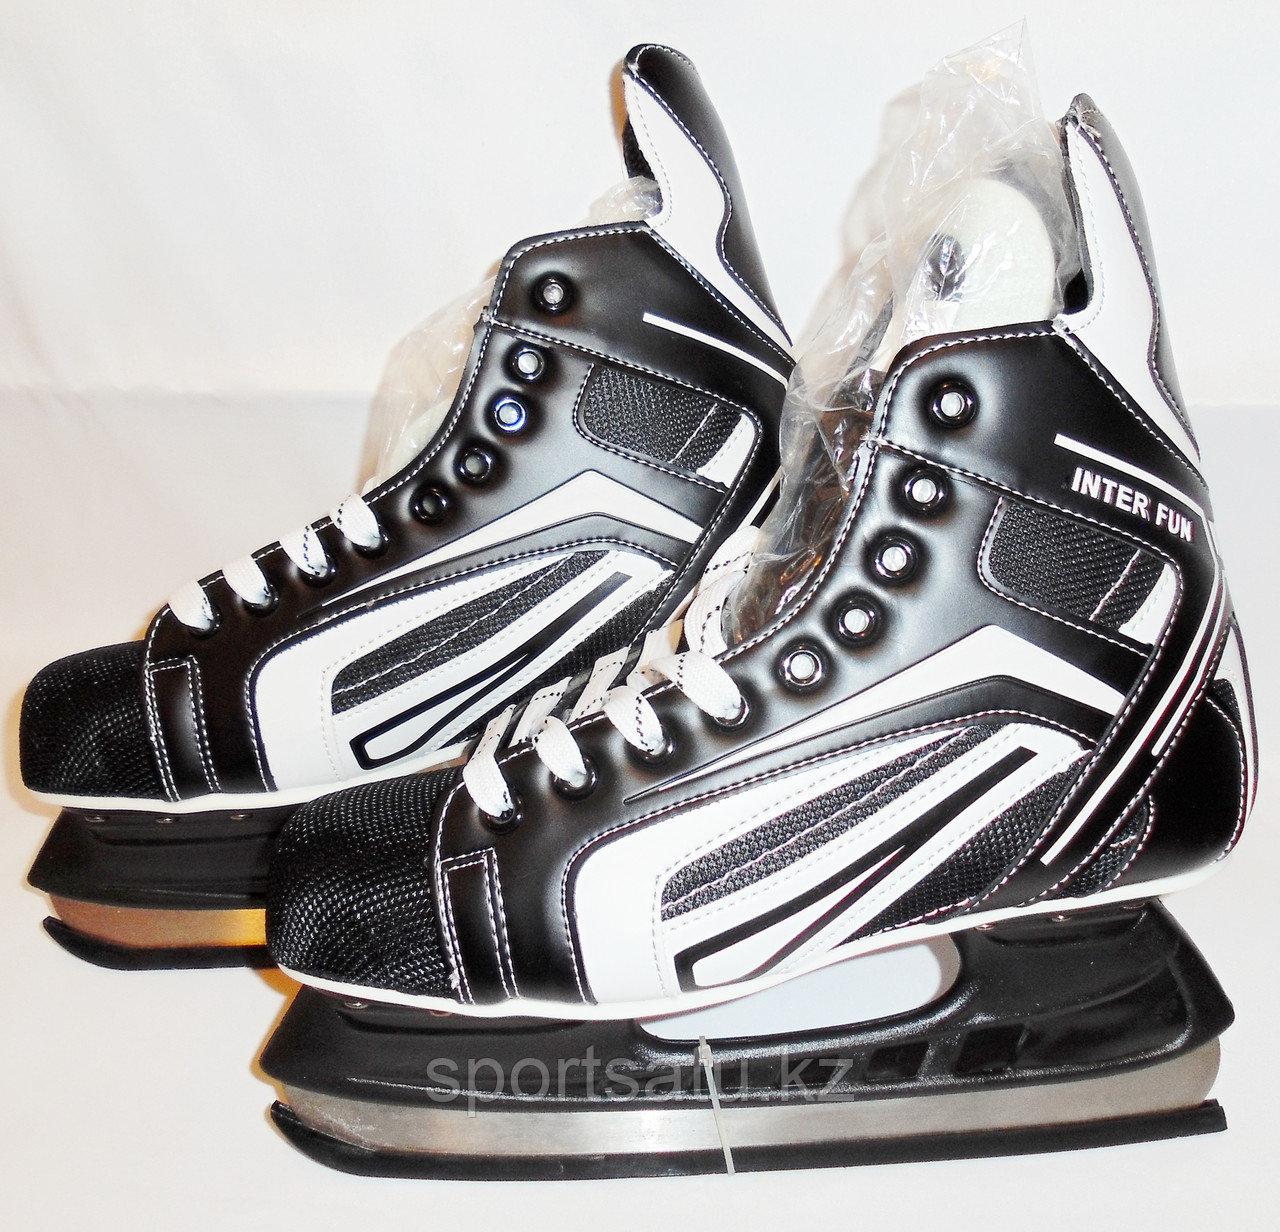 Хоккейные коньки INTER FUN